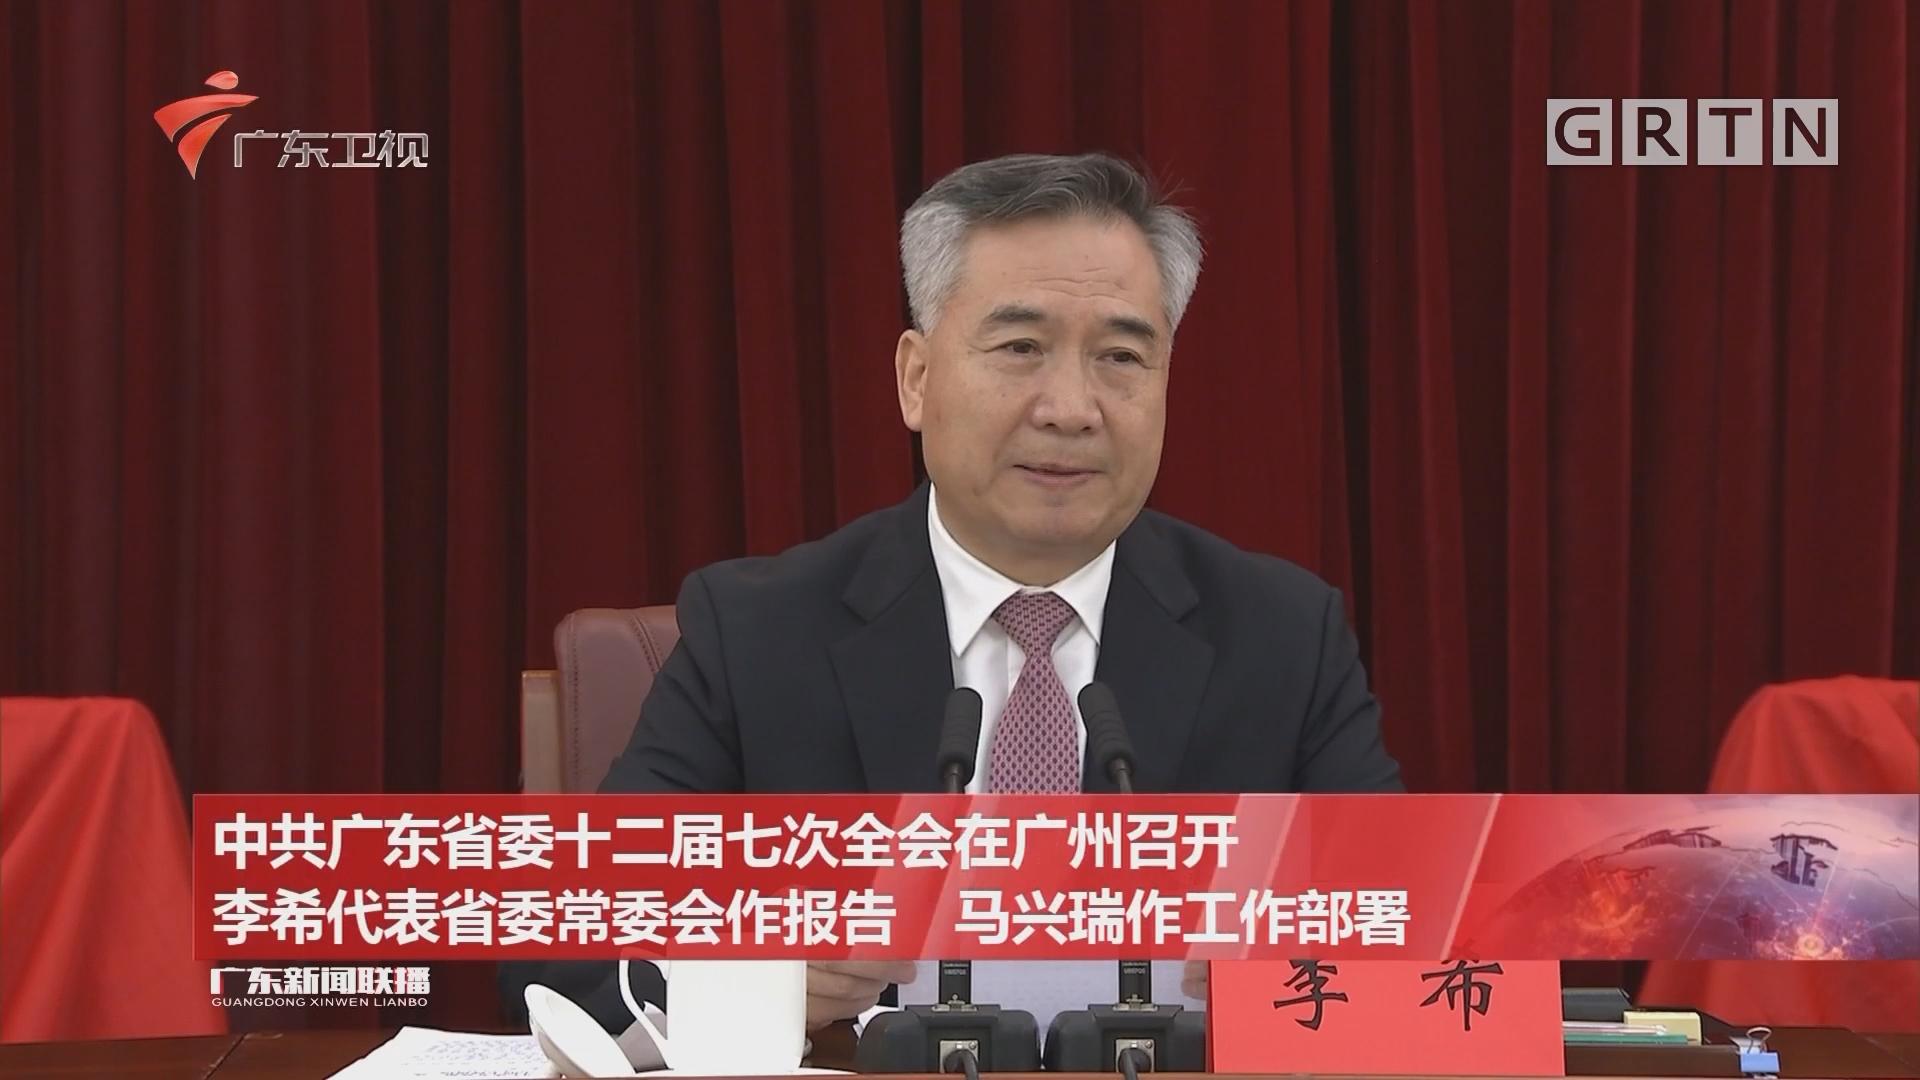 中共广东省委十二届七次全会在广州召开 李希代表省委常委会作报告 马兴瑞作工作部署